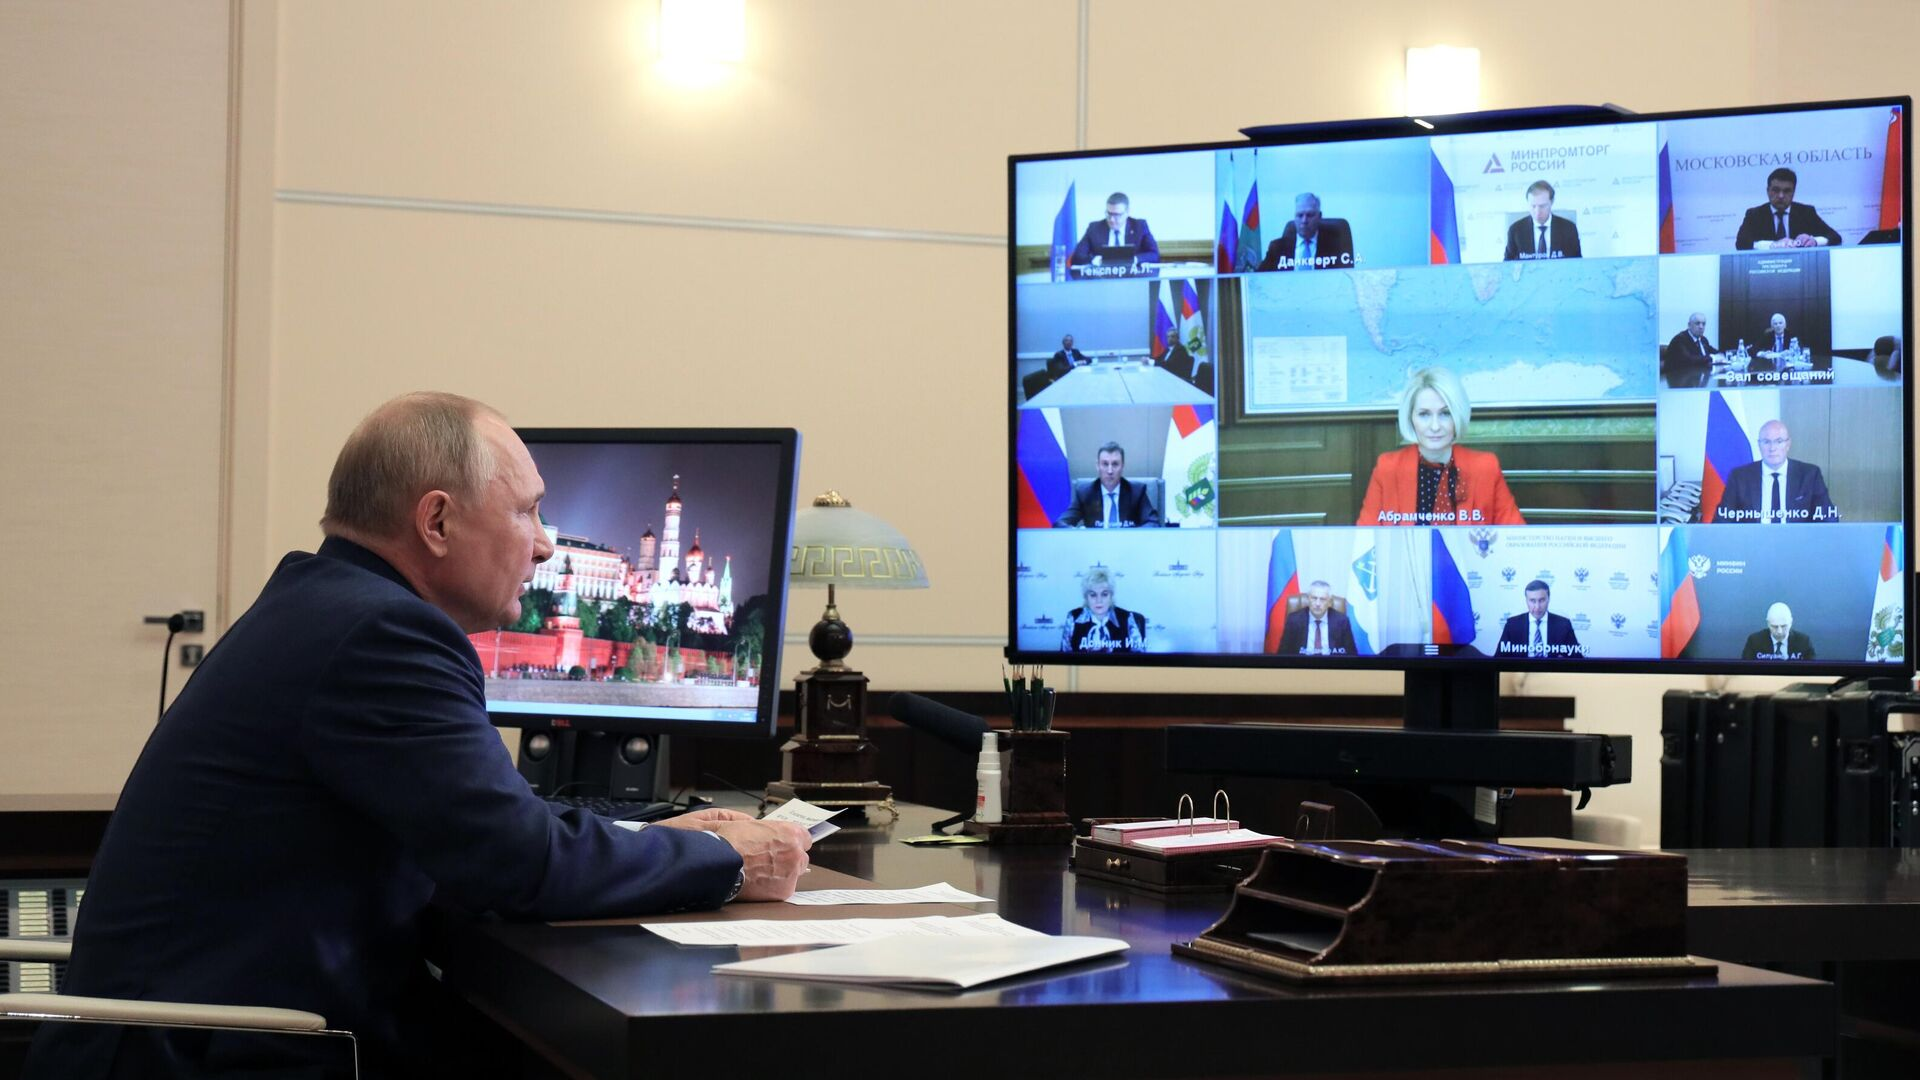 Президент РФ Владимир Путин провел совещание о научно-техническом обеспечении развития агропромышленного комплекса - РИА Новости, 1920, 11.10.2021